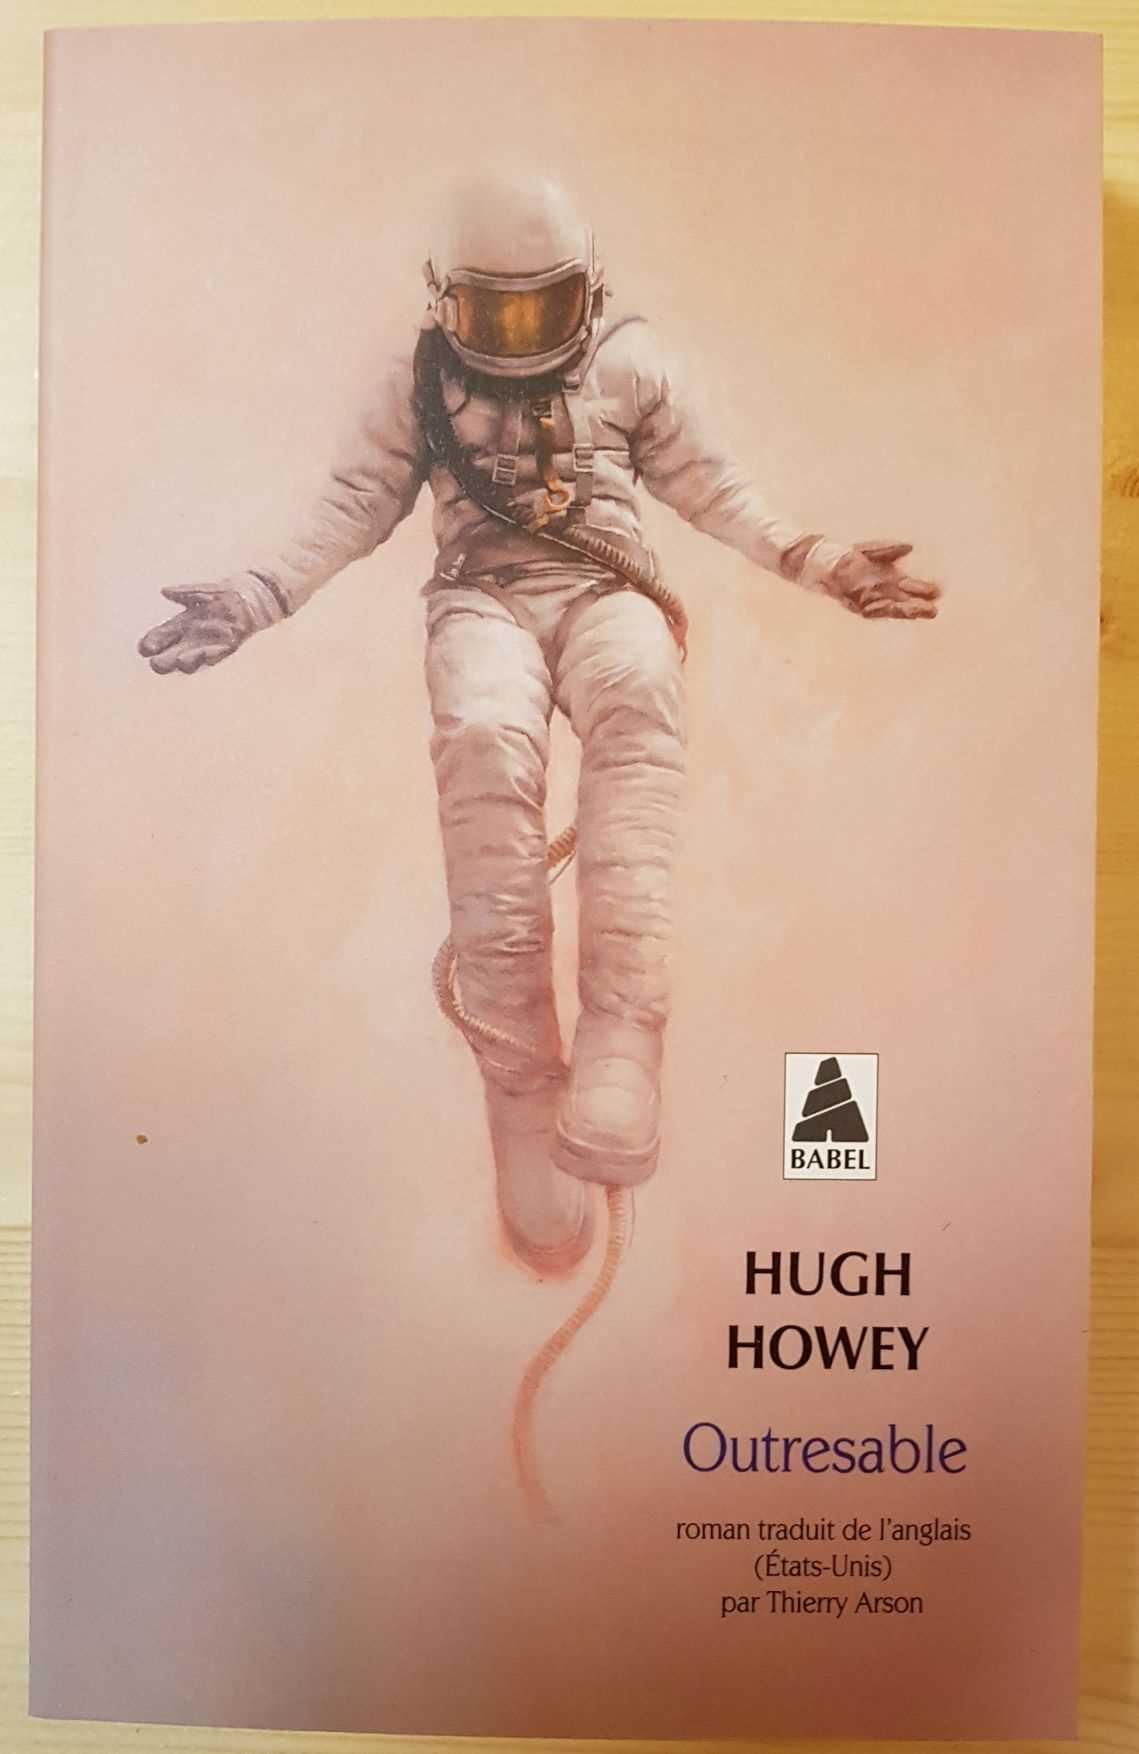 Outresable Howey Librairie La Librai'bulles